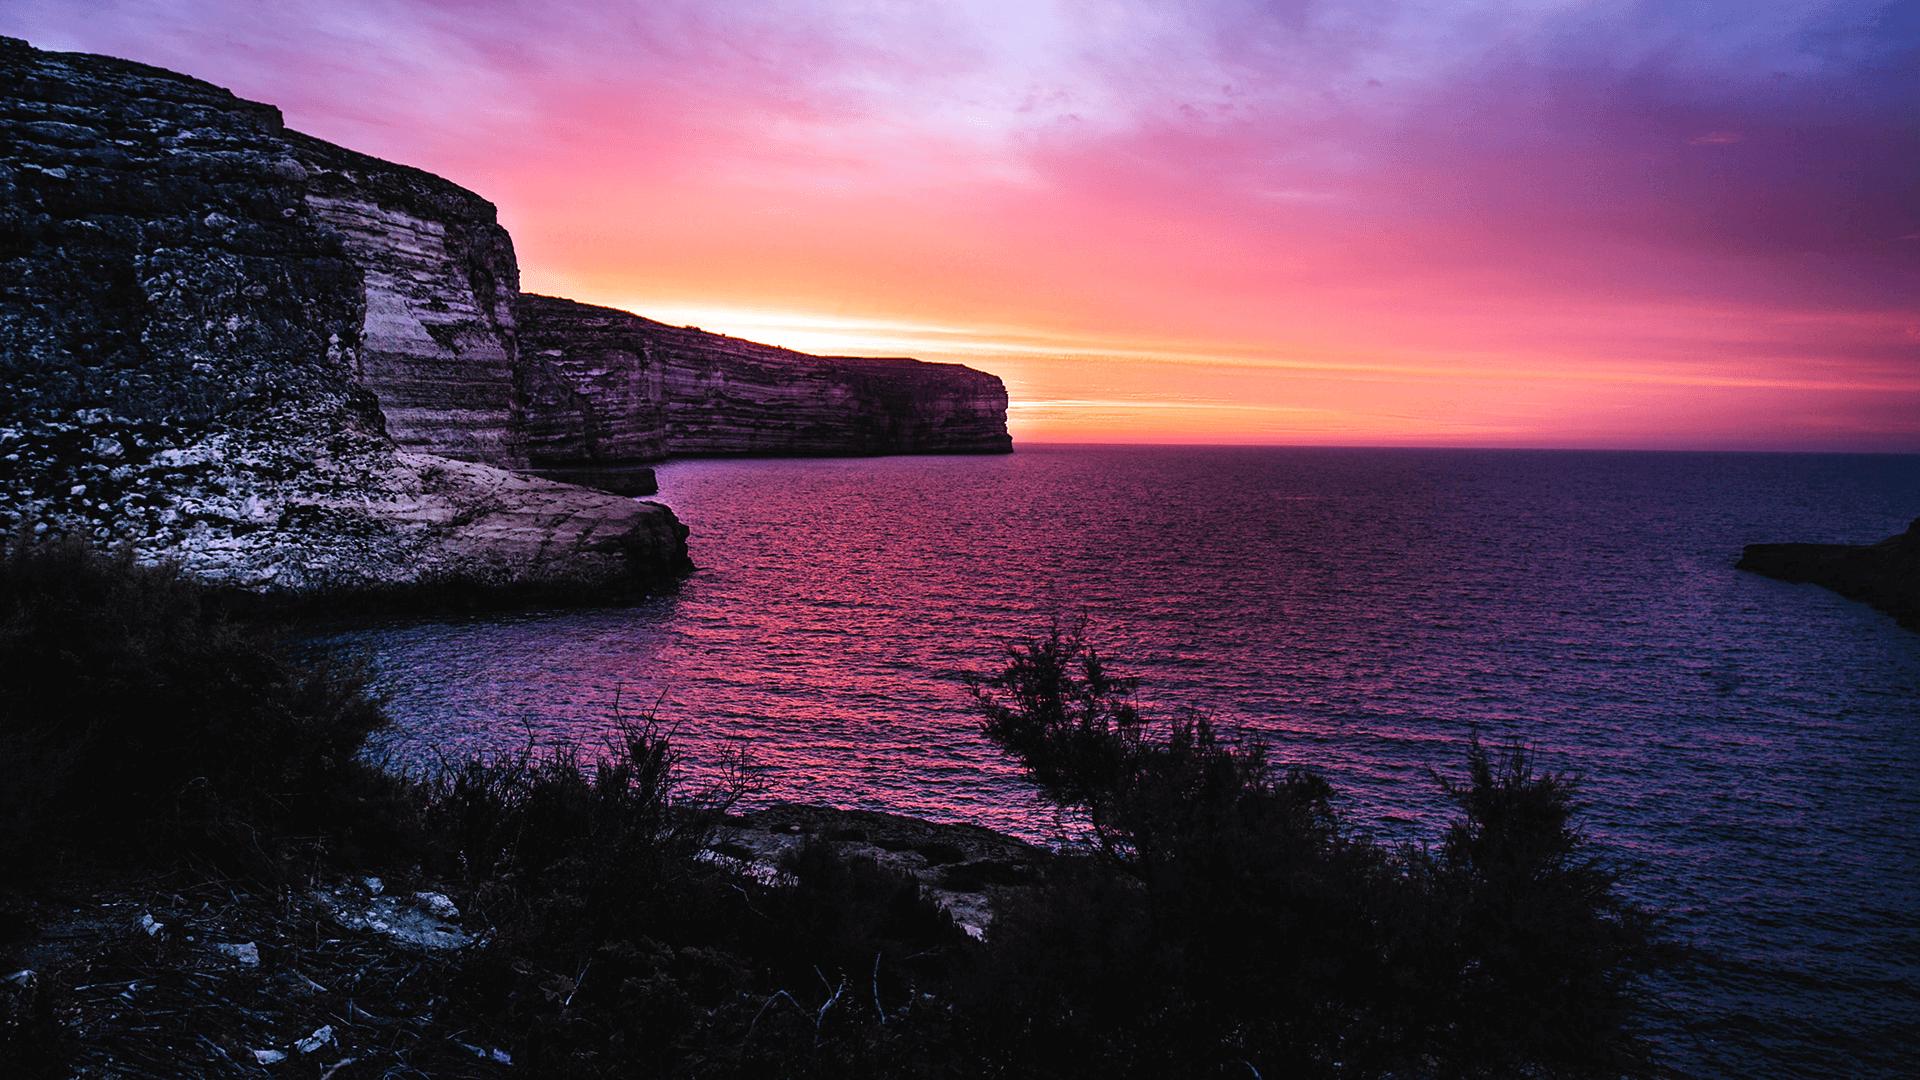 Malta in Autumn